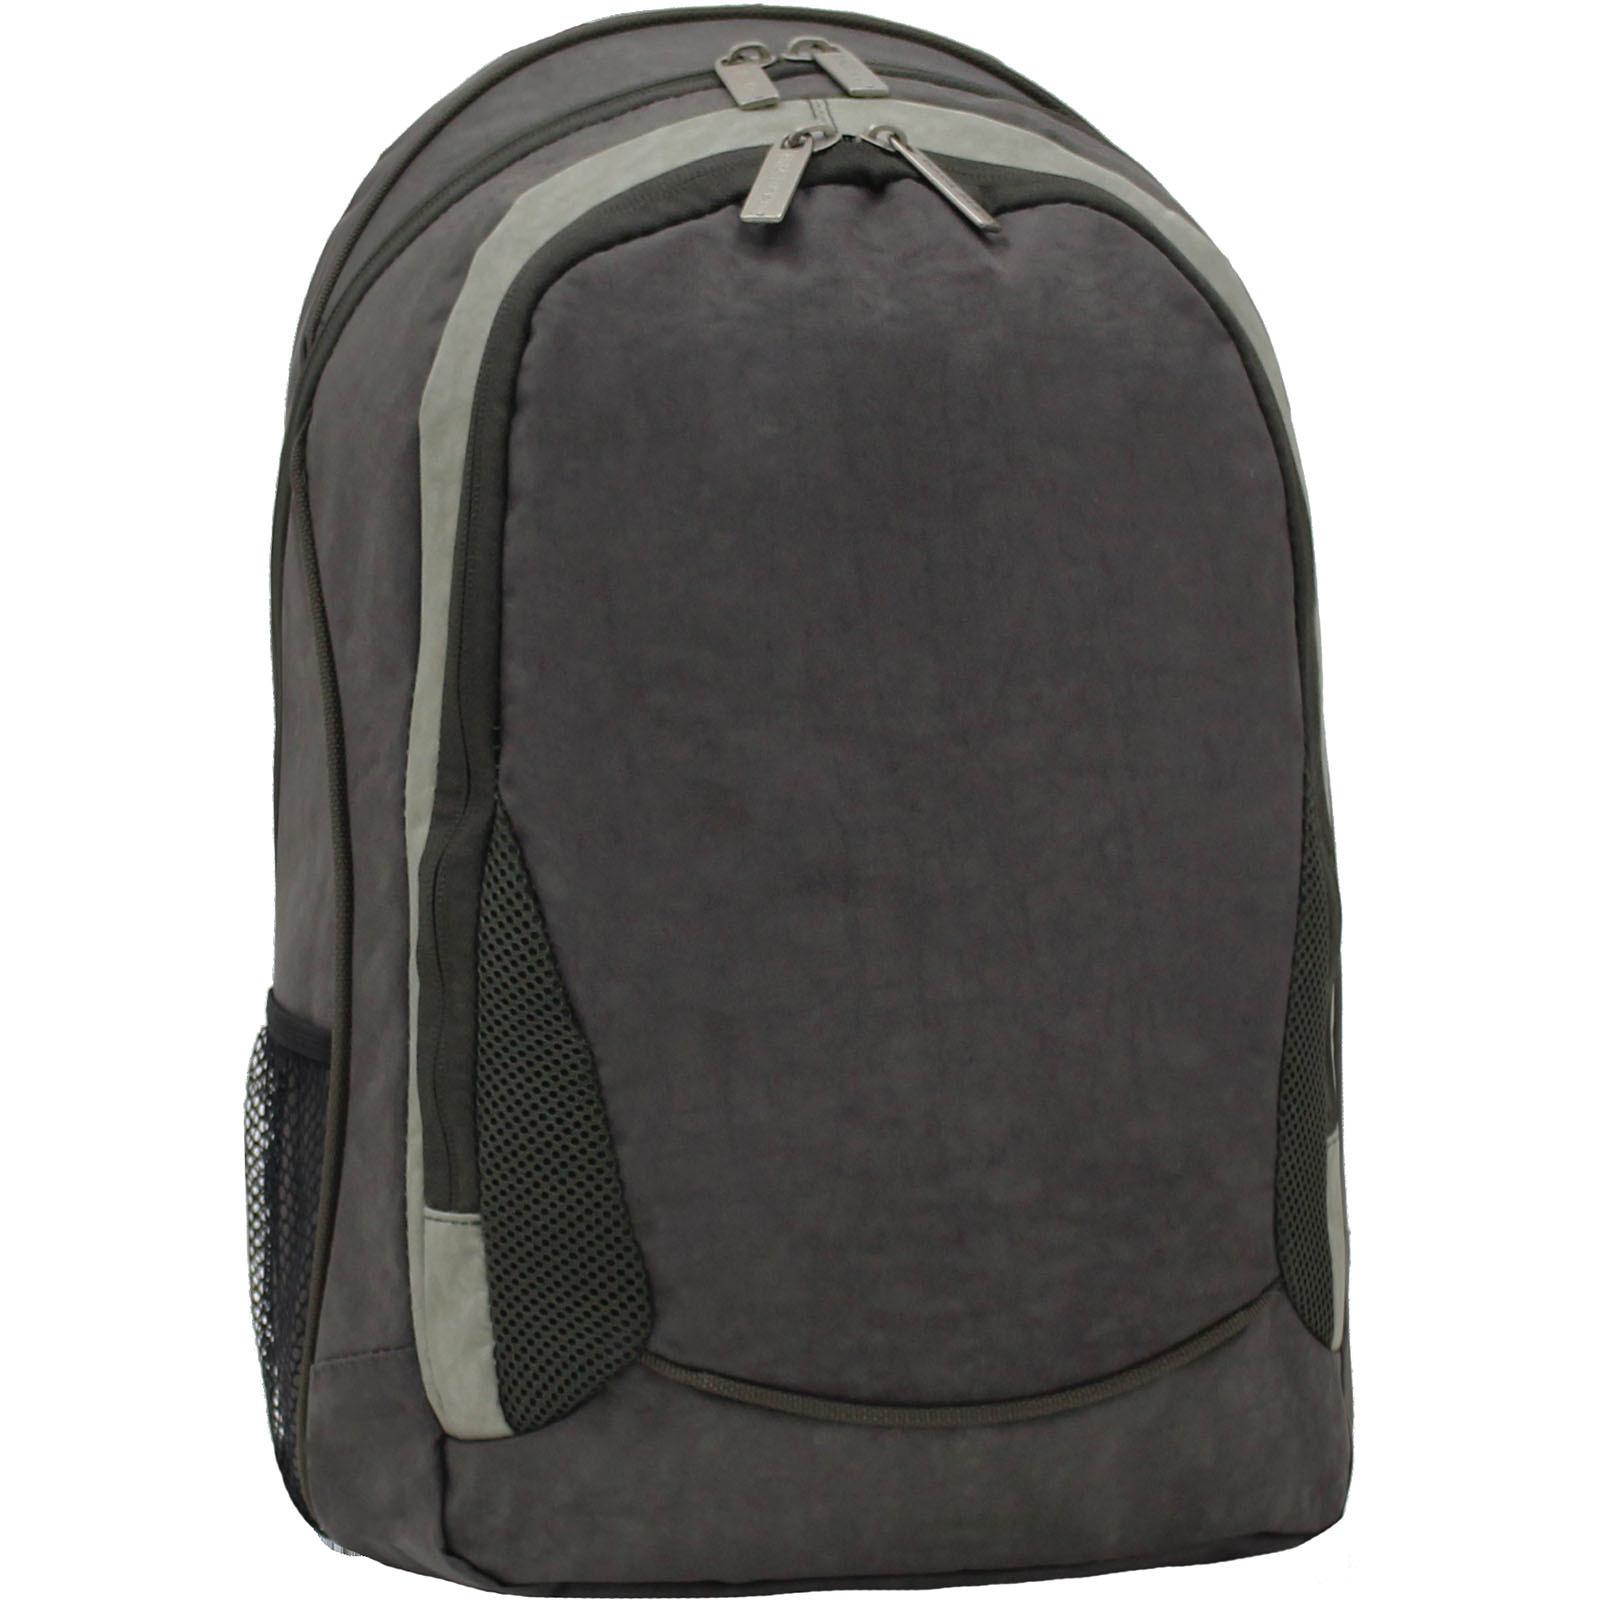 Городские рюкзаки Рюкзак Bagland Ураган 20 л. хаки-оливка (0057470) IMG_1287.JPG